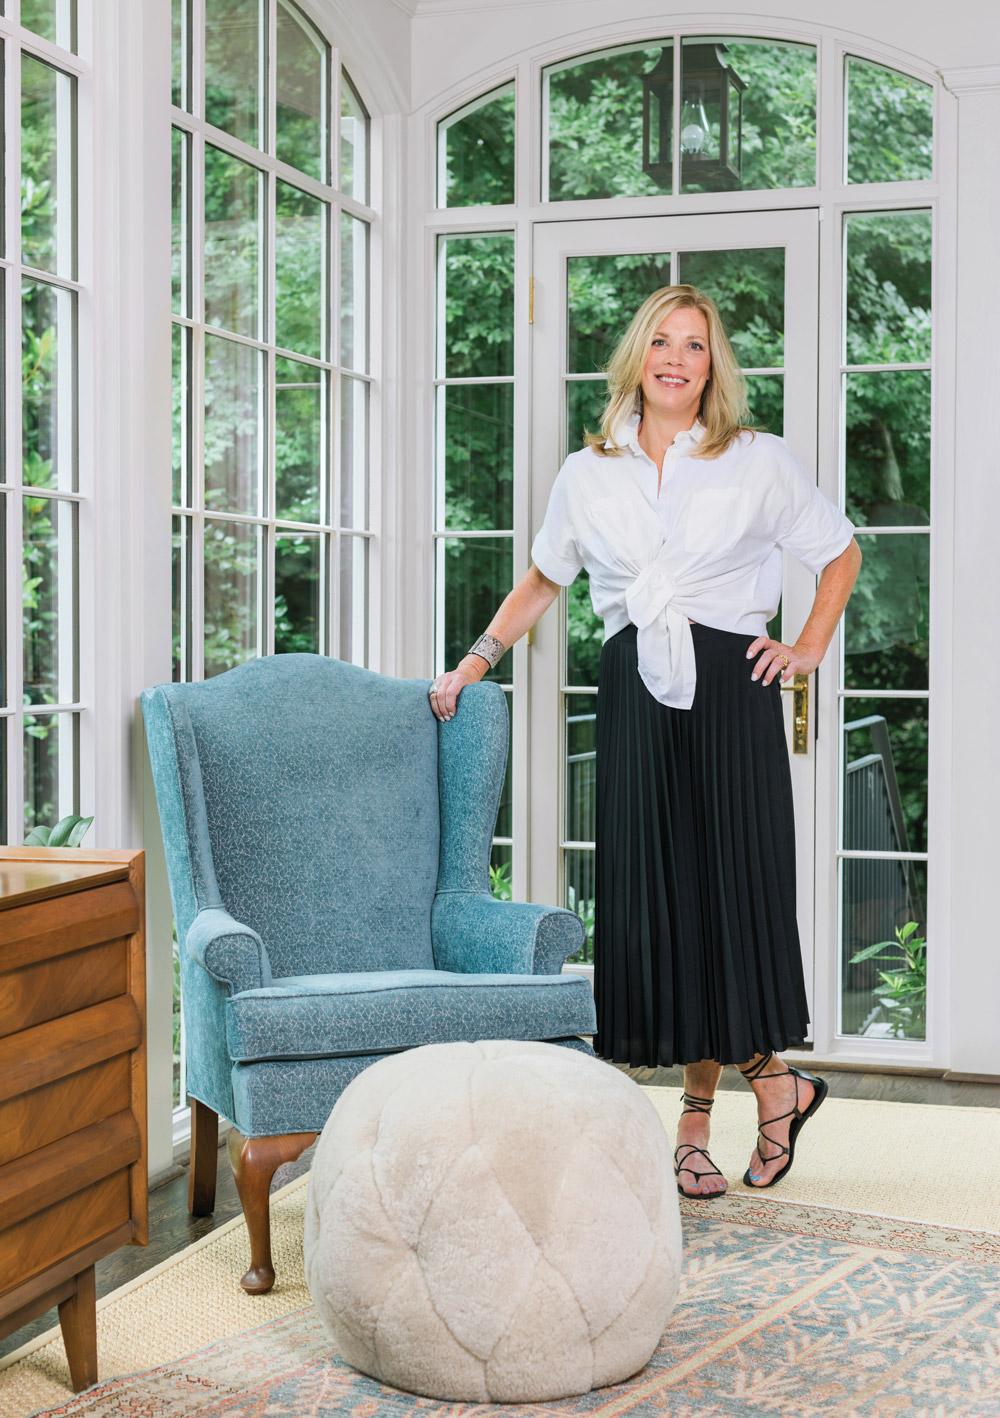 Interior designer Alice Cramer